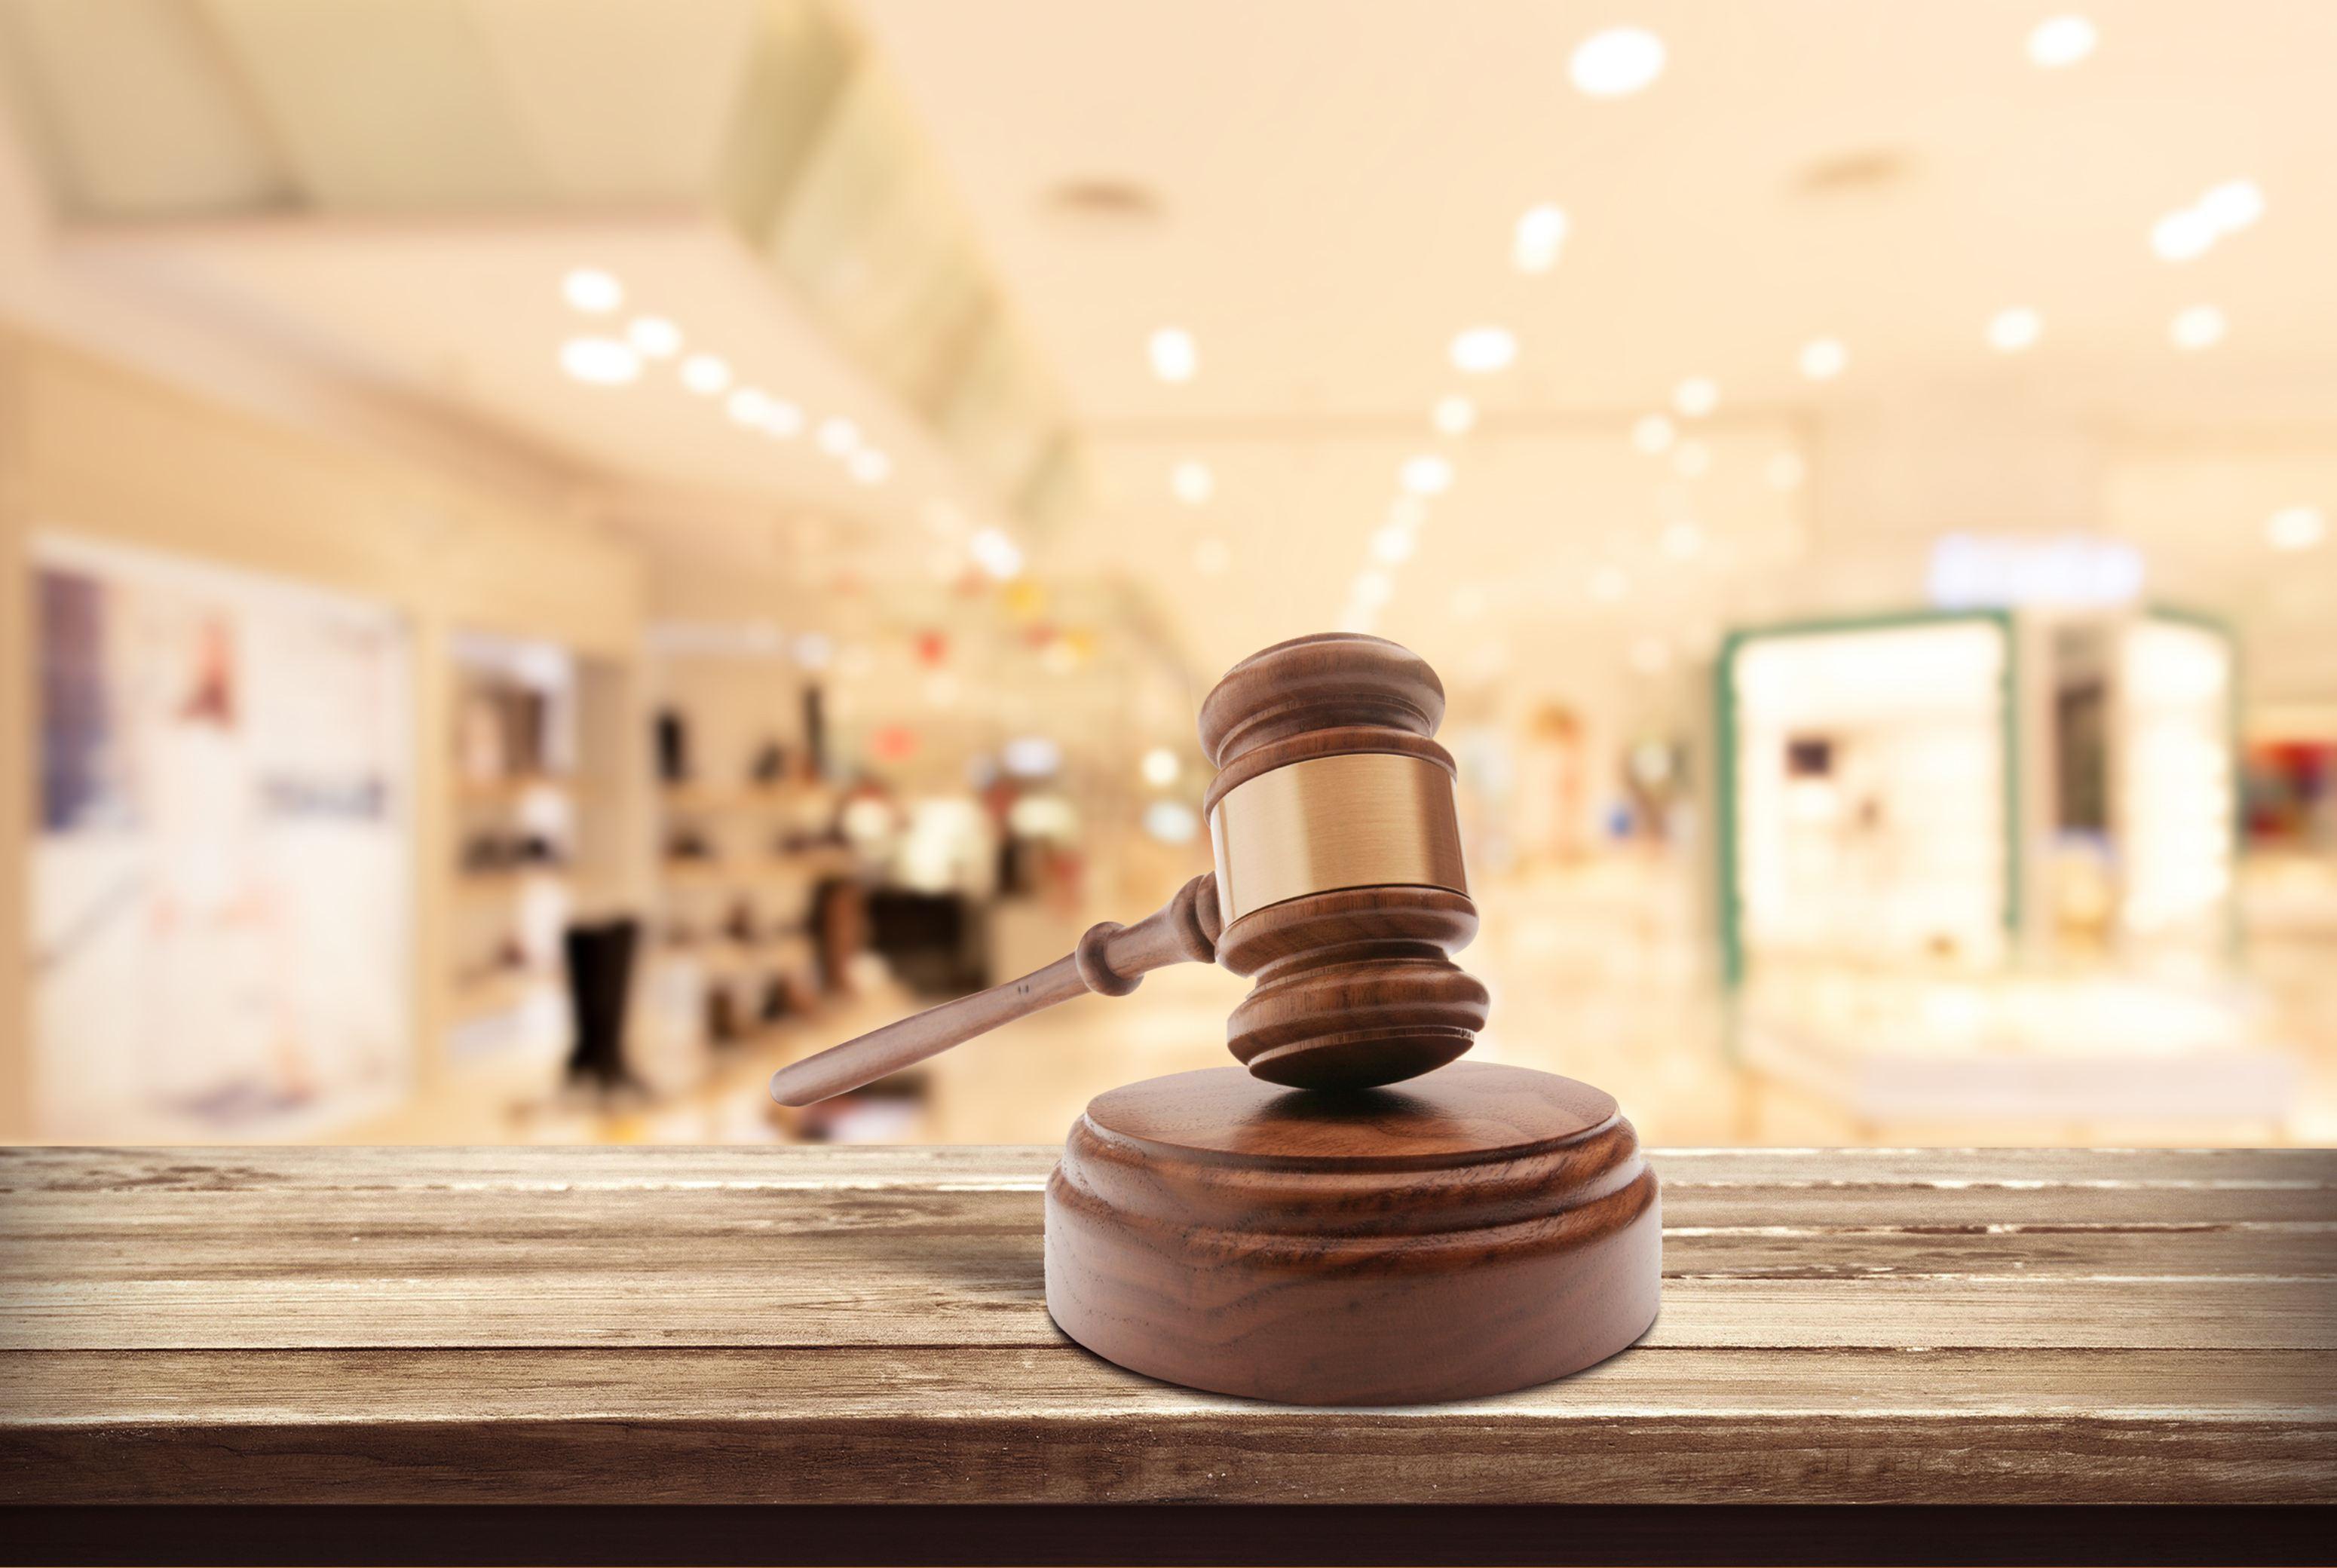 2020年民法典对于婚姻家庭这方面又有了新的定义标准